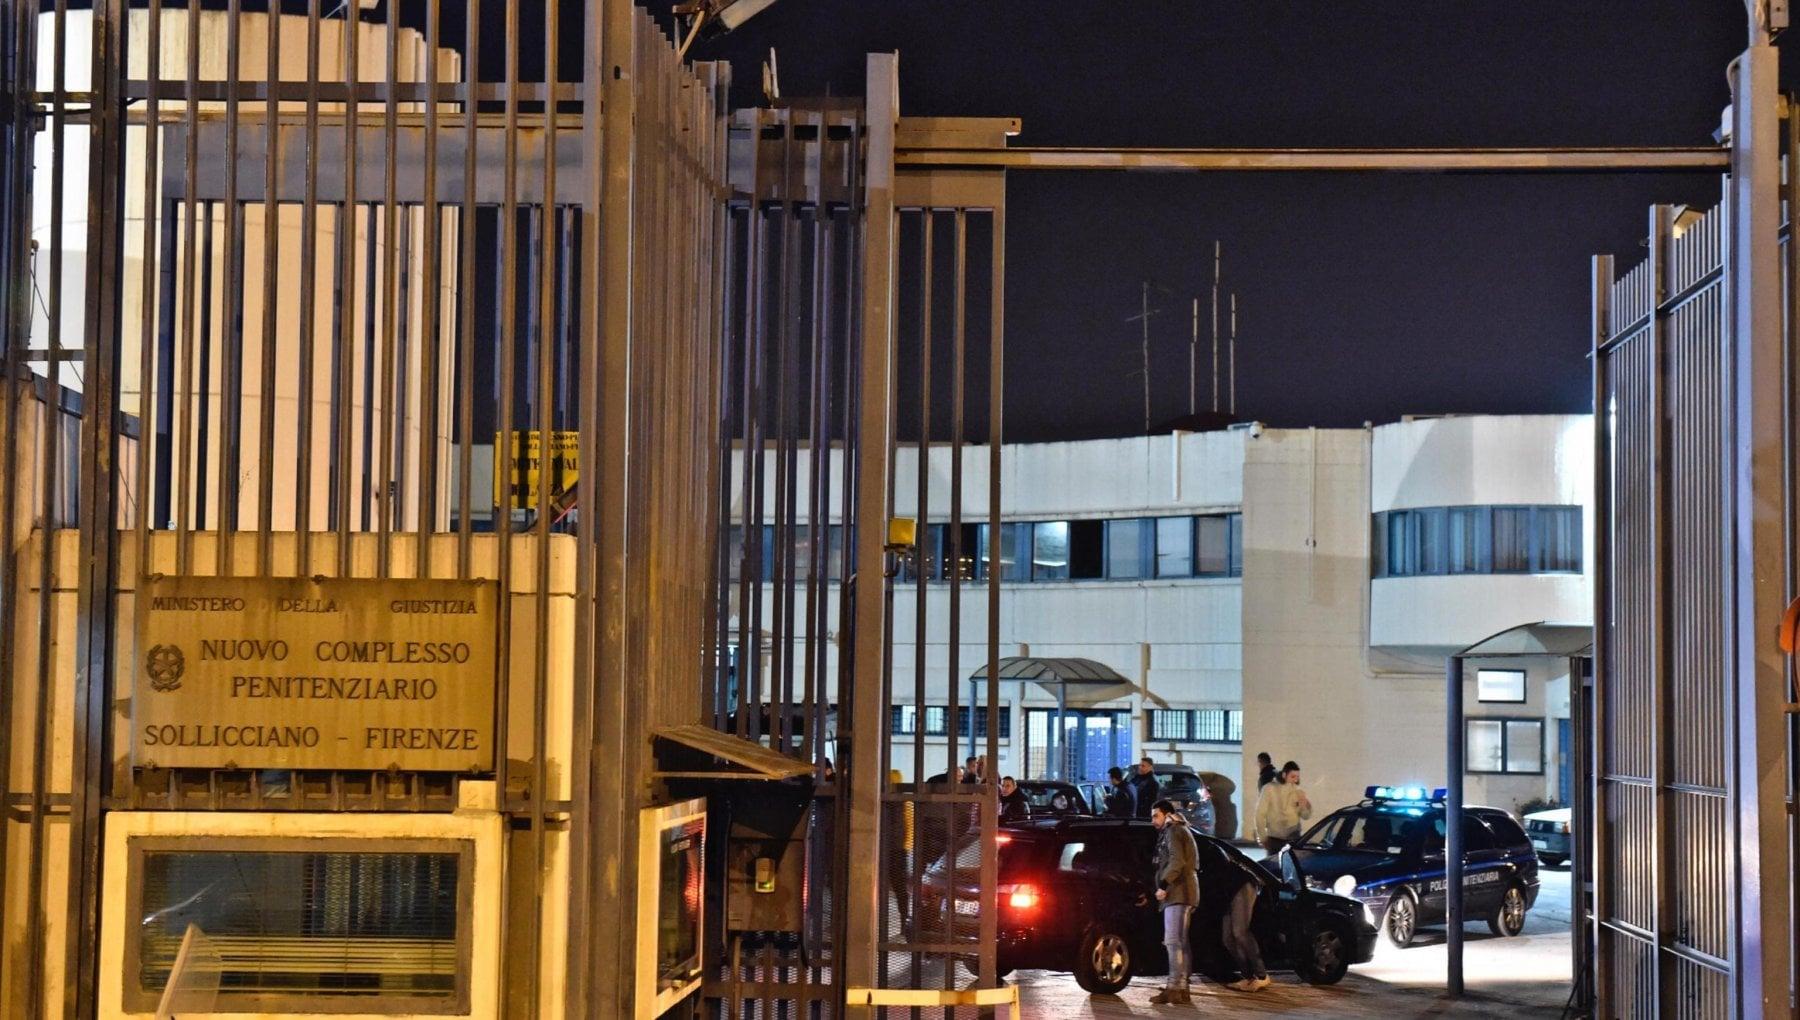 Sollicciano il carcere delle torture Botte dagli agenti e lispettrice rideva